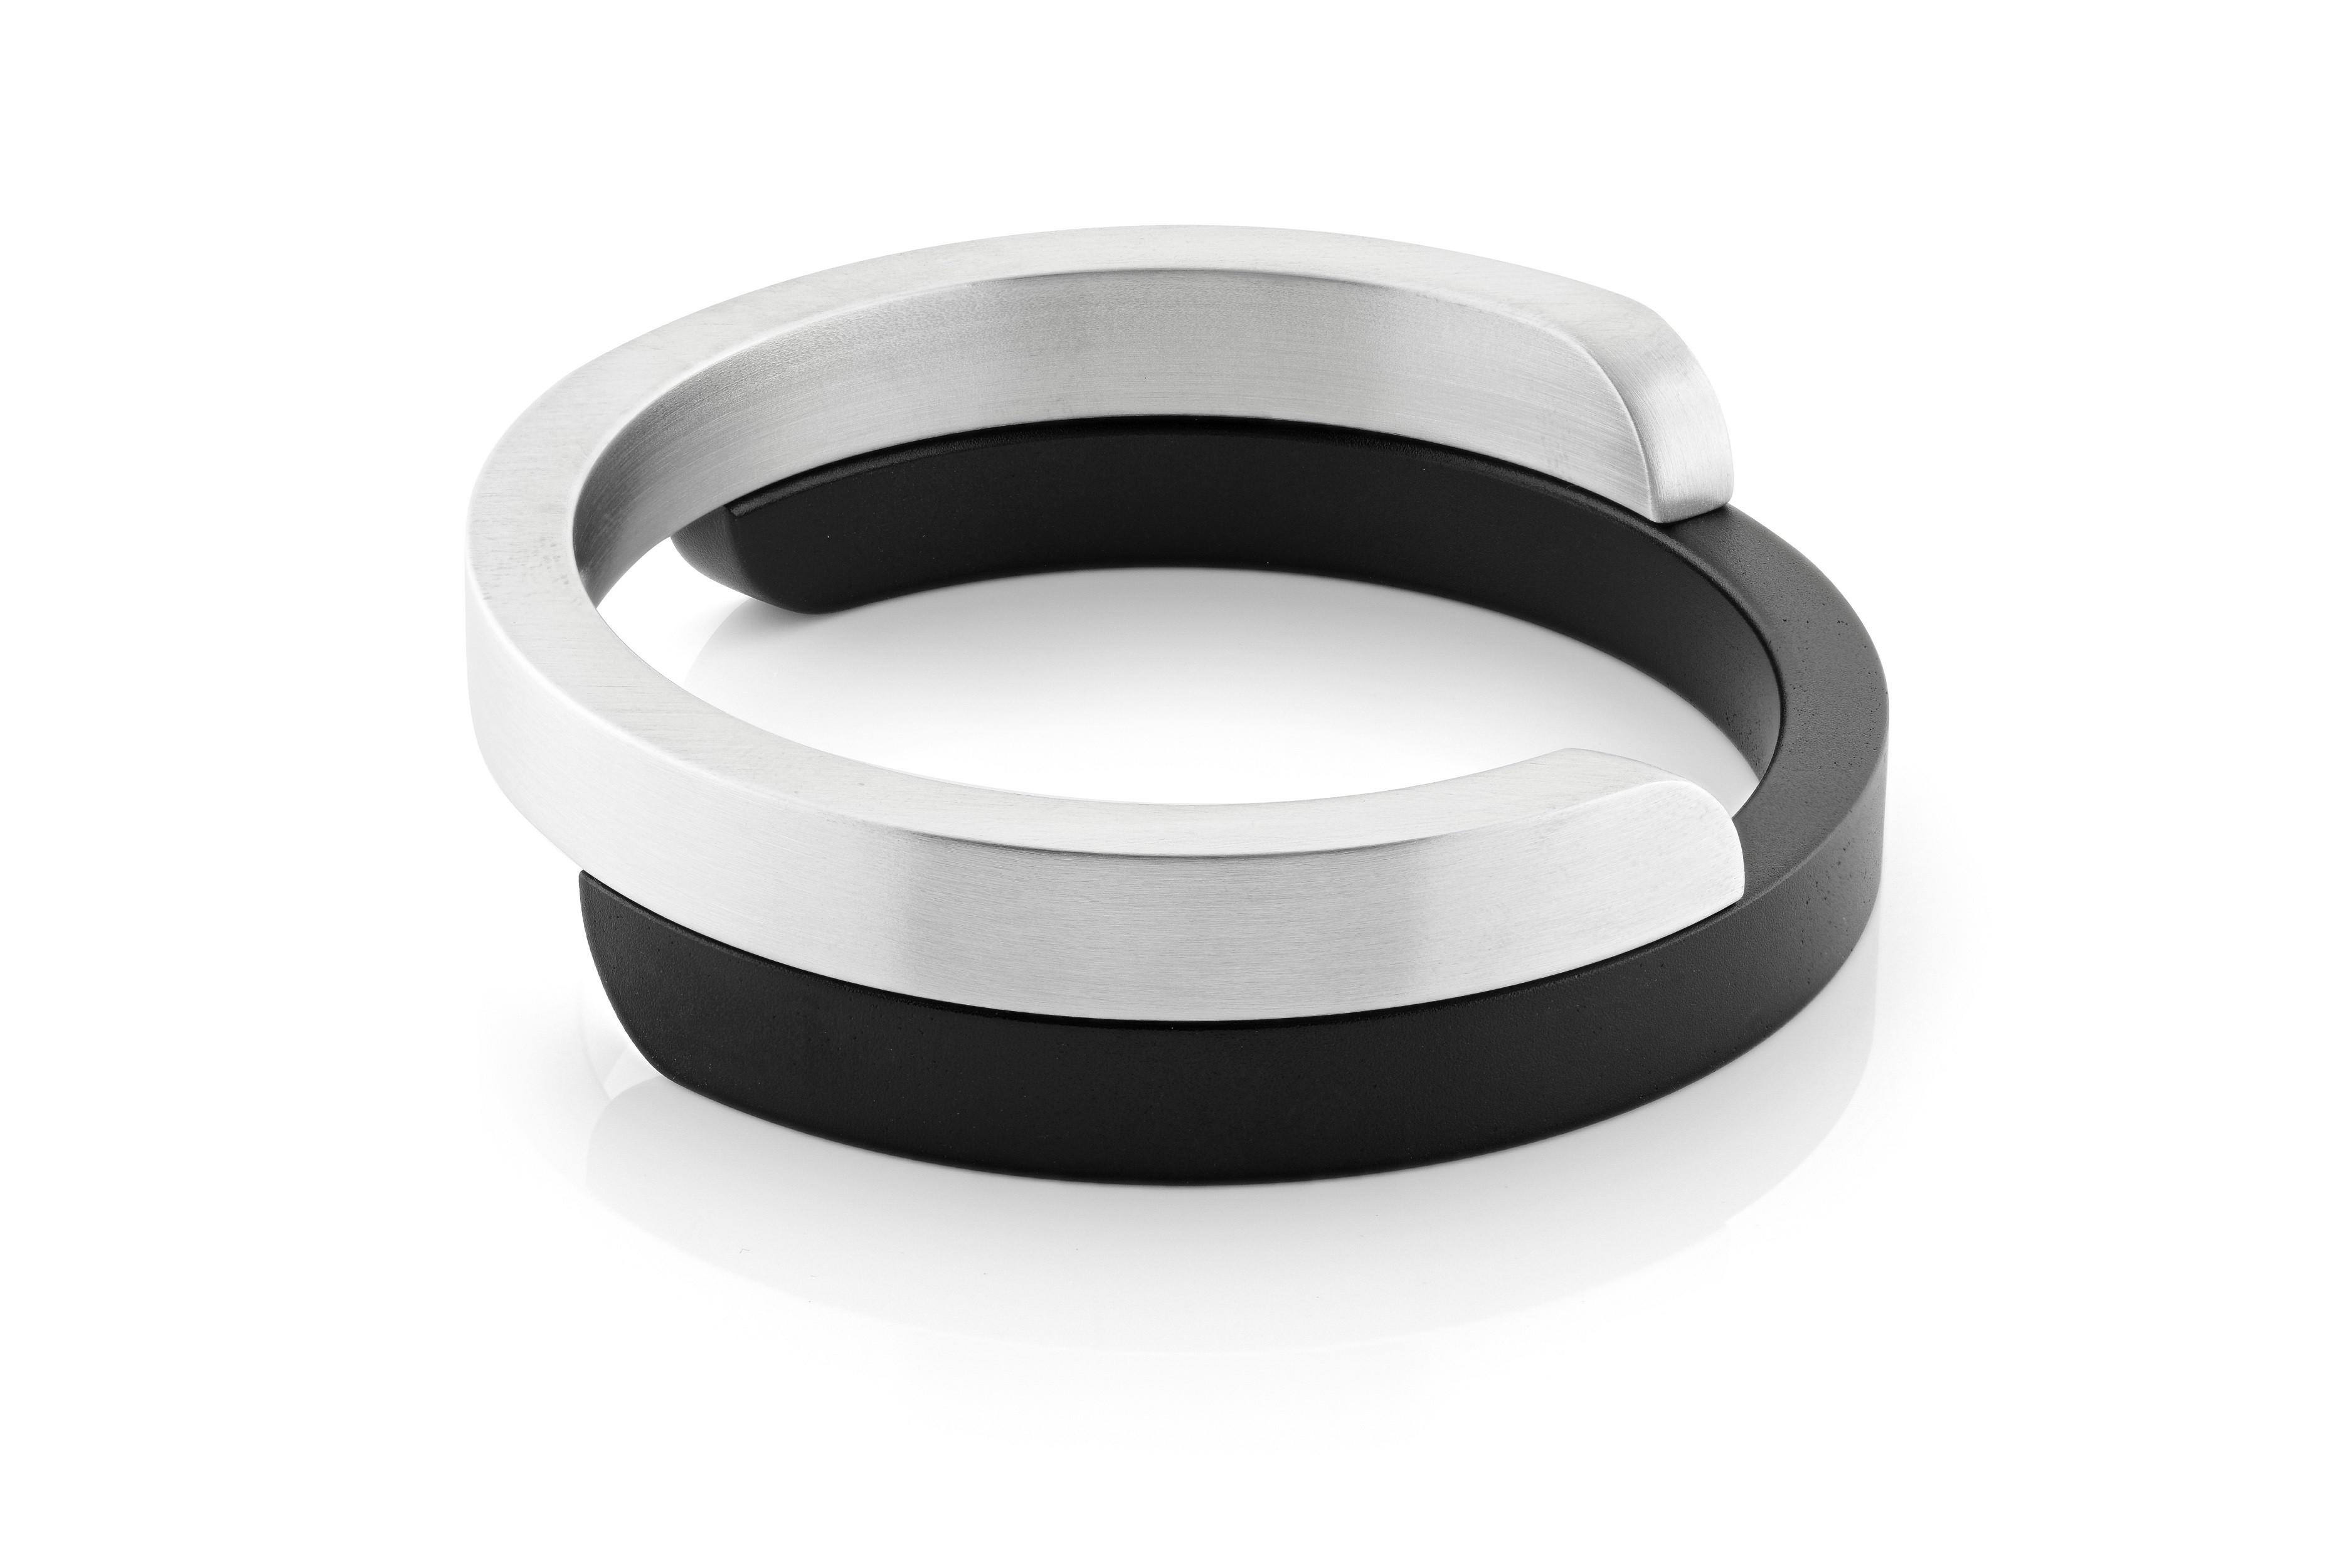 Armband van clic creations bij shop.holland.com